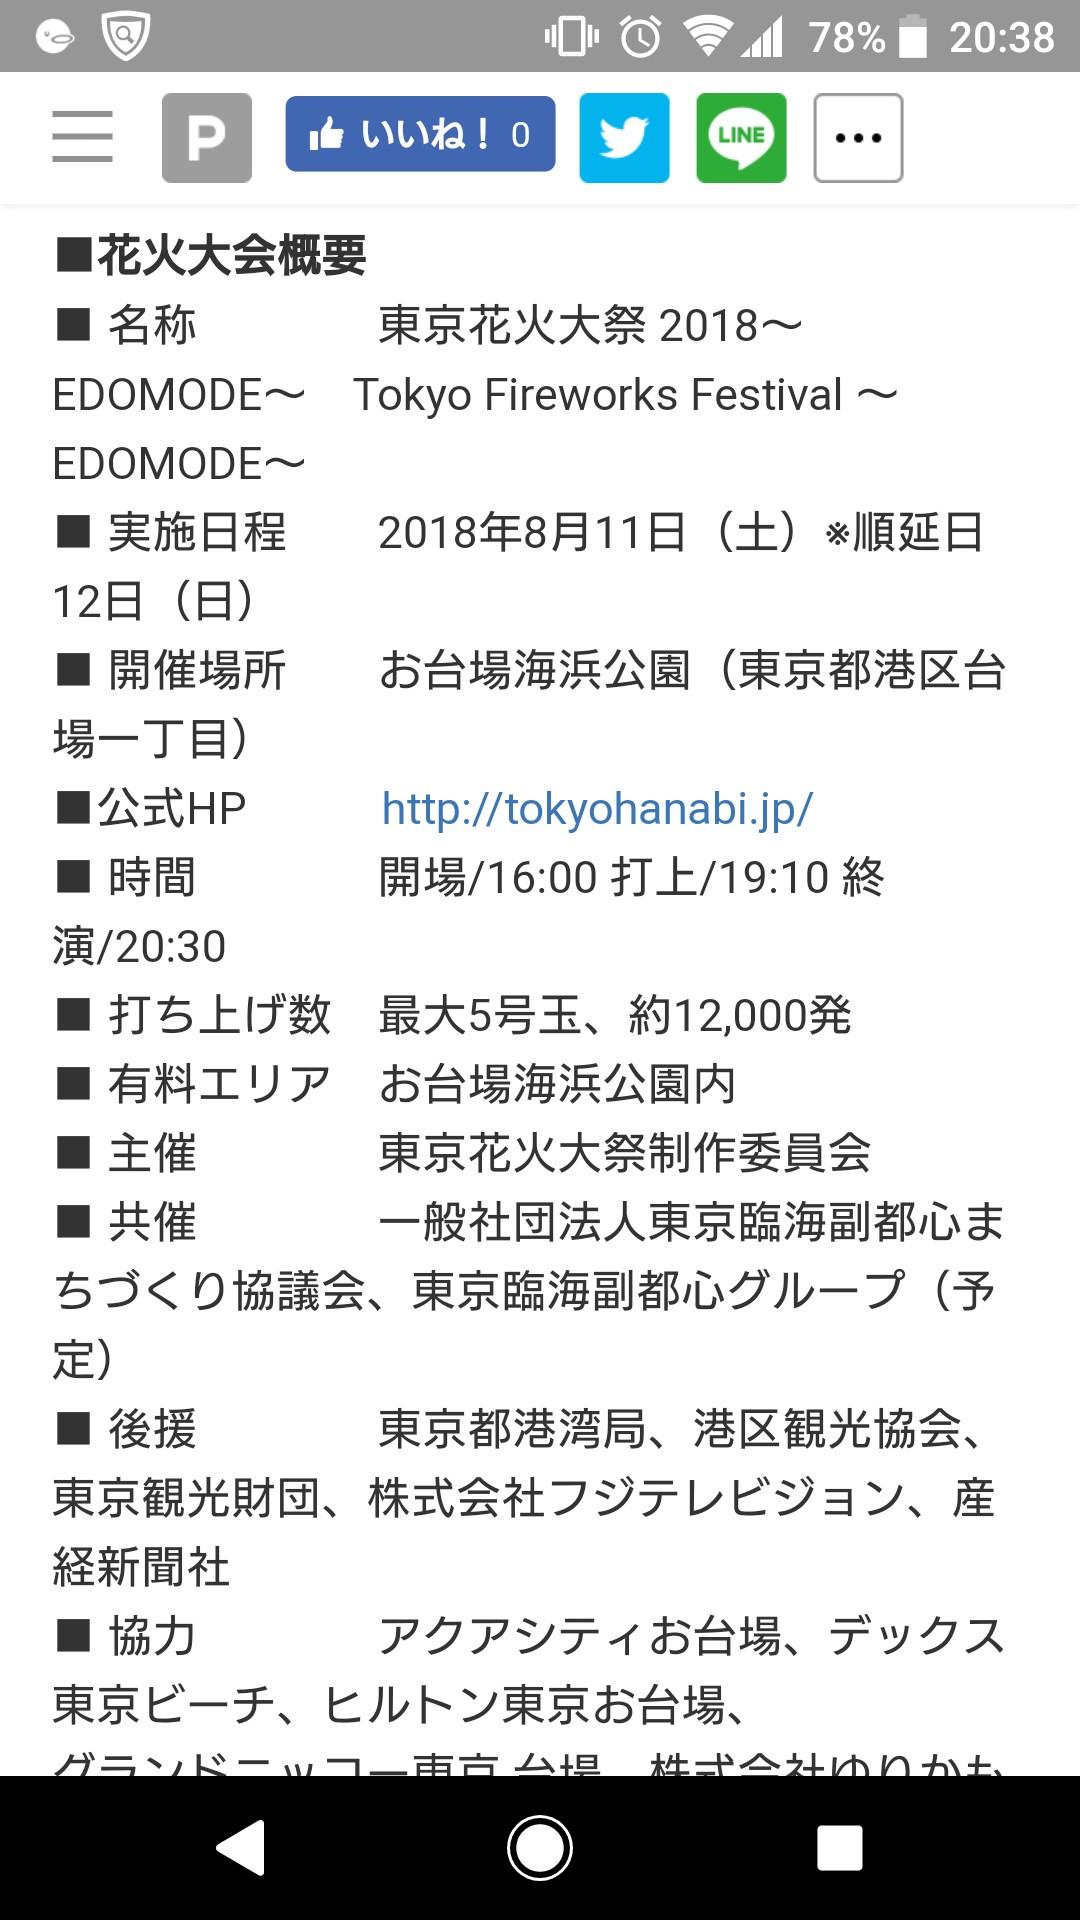 20180625204037001.jpg